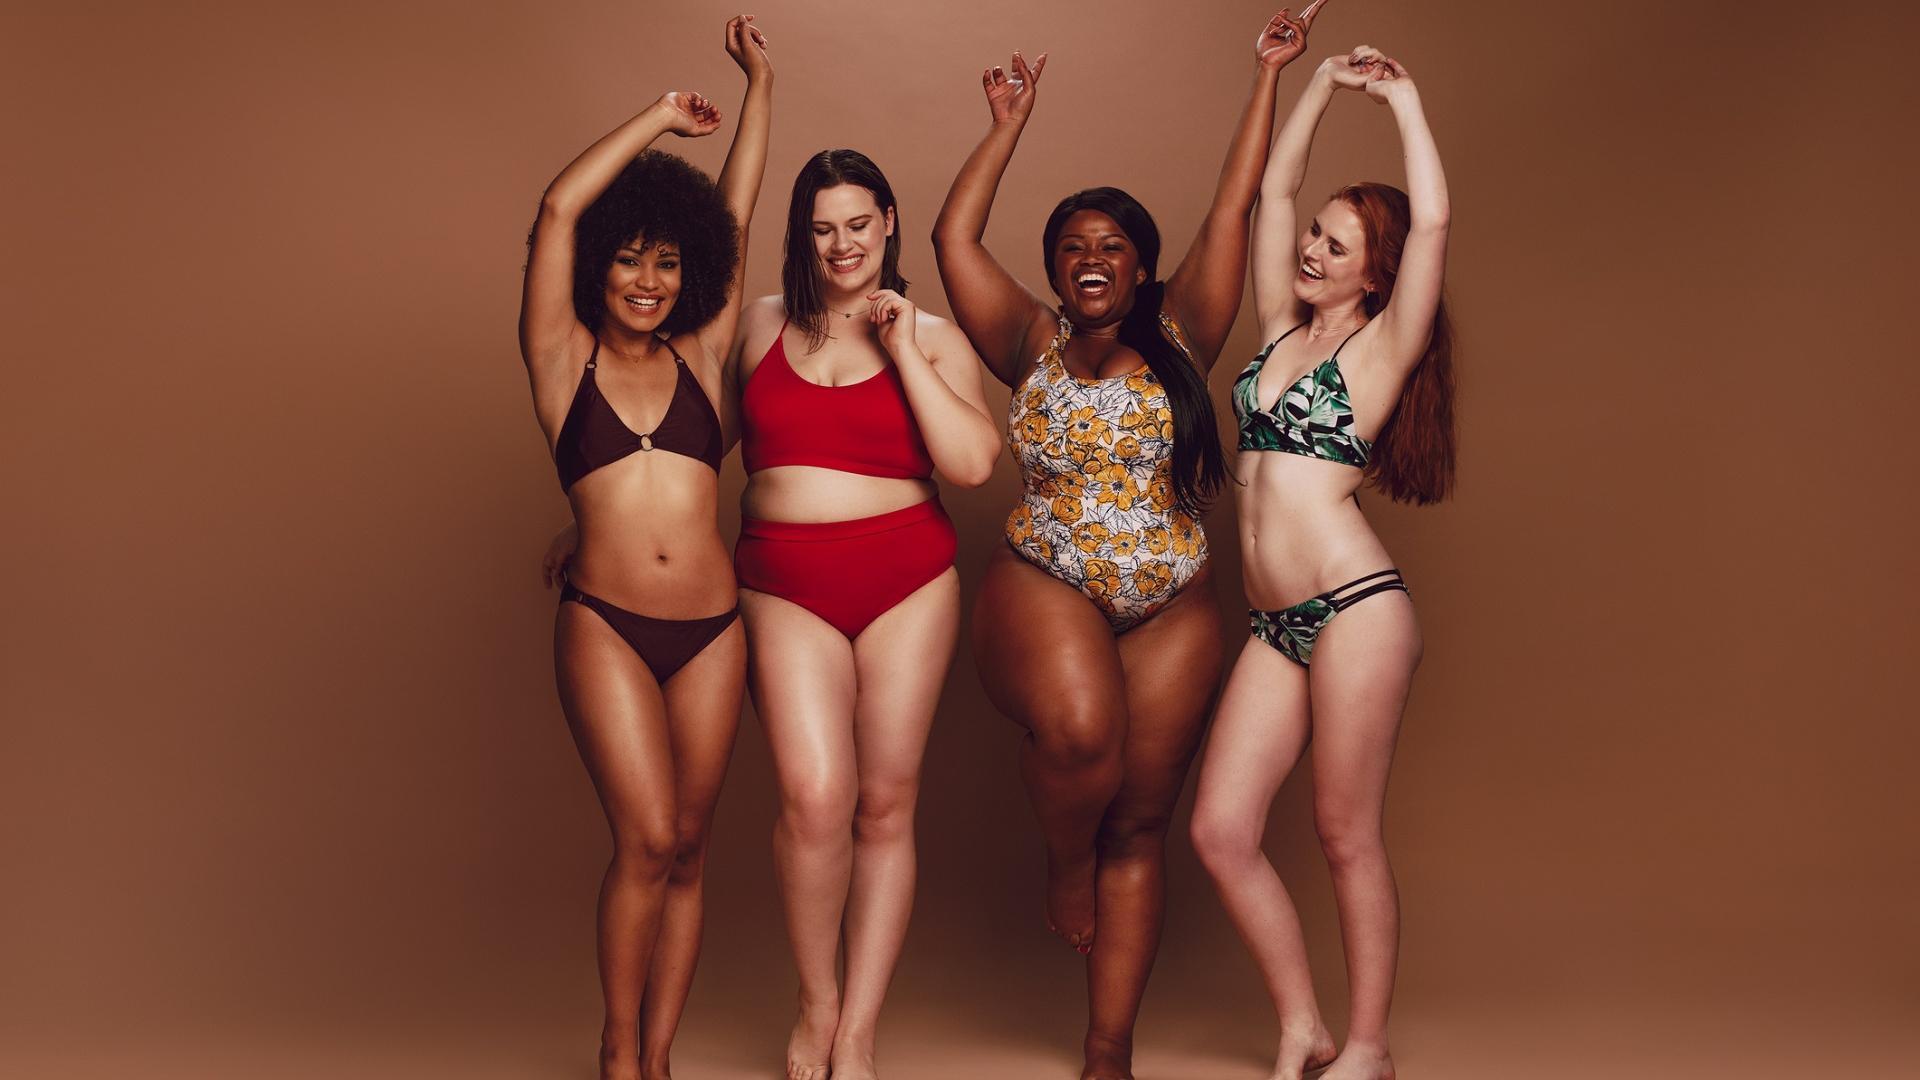 Fröhliche Frauen jeglicher Körperform